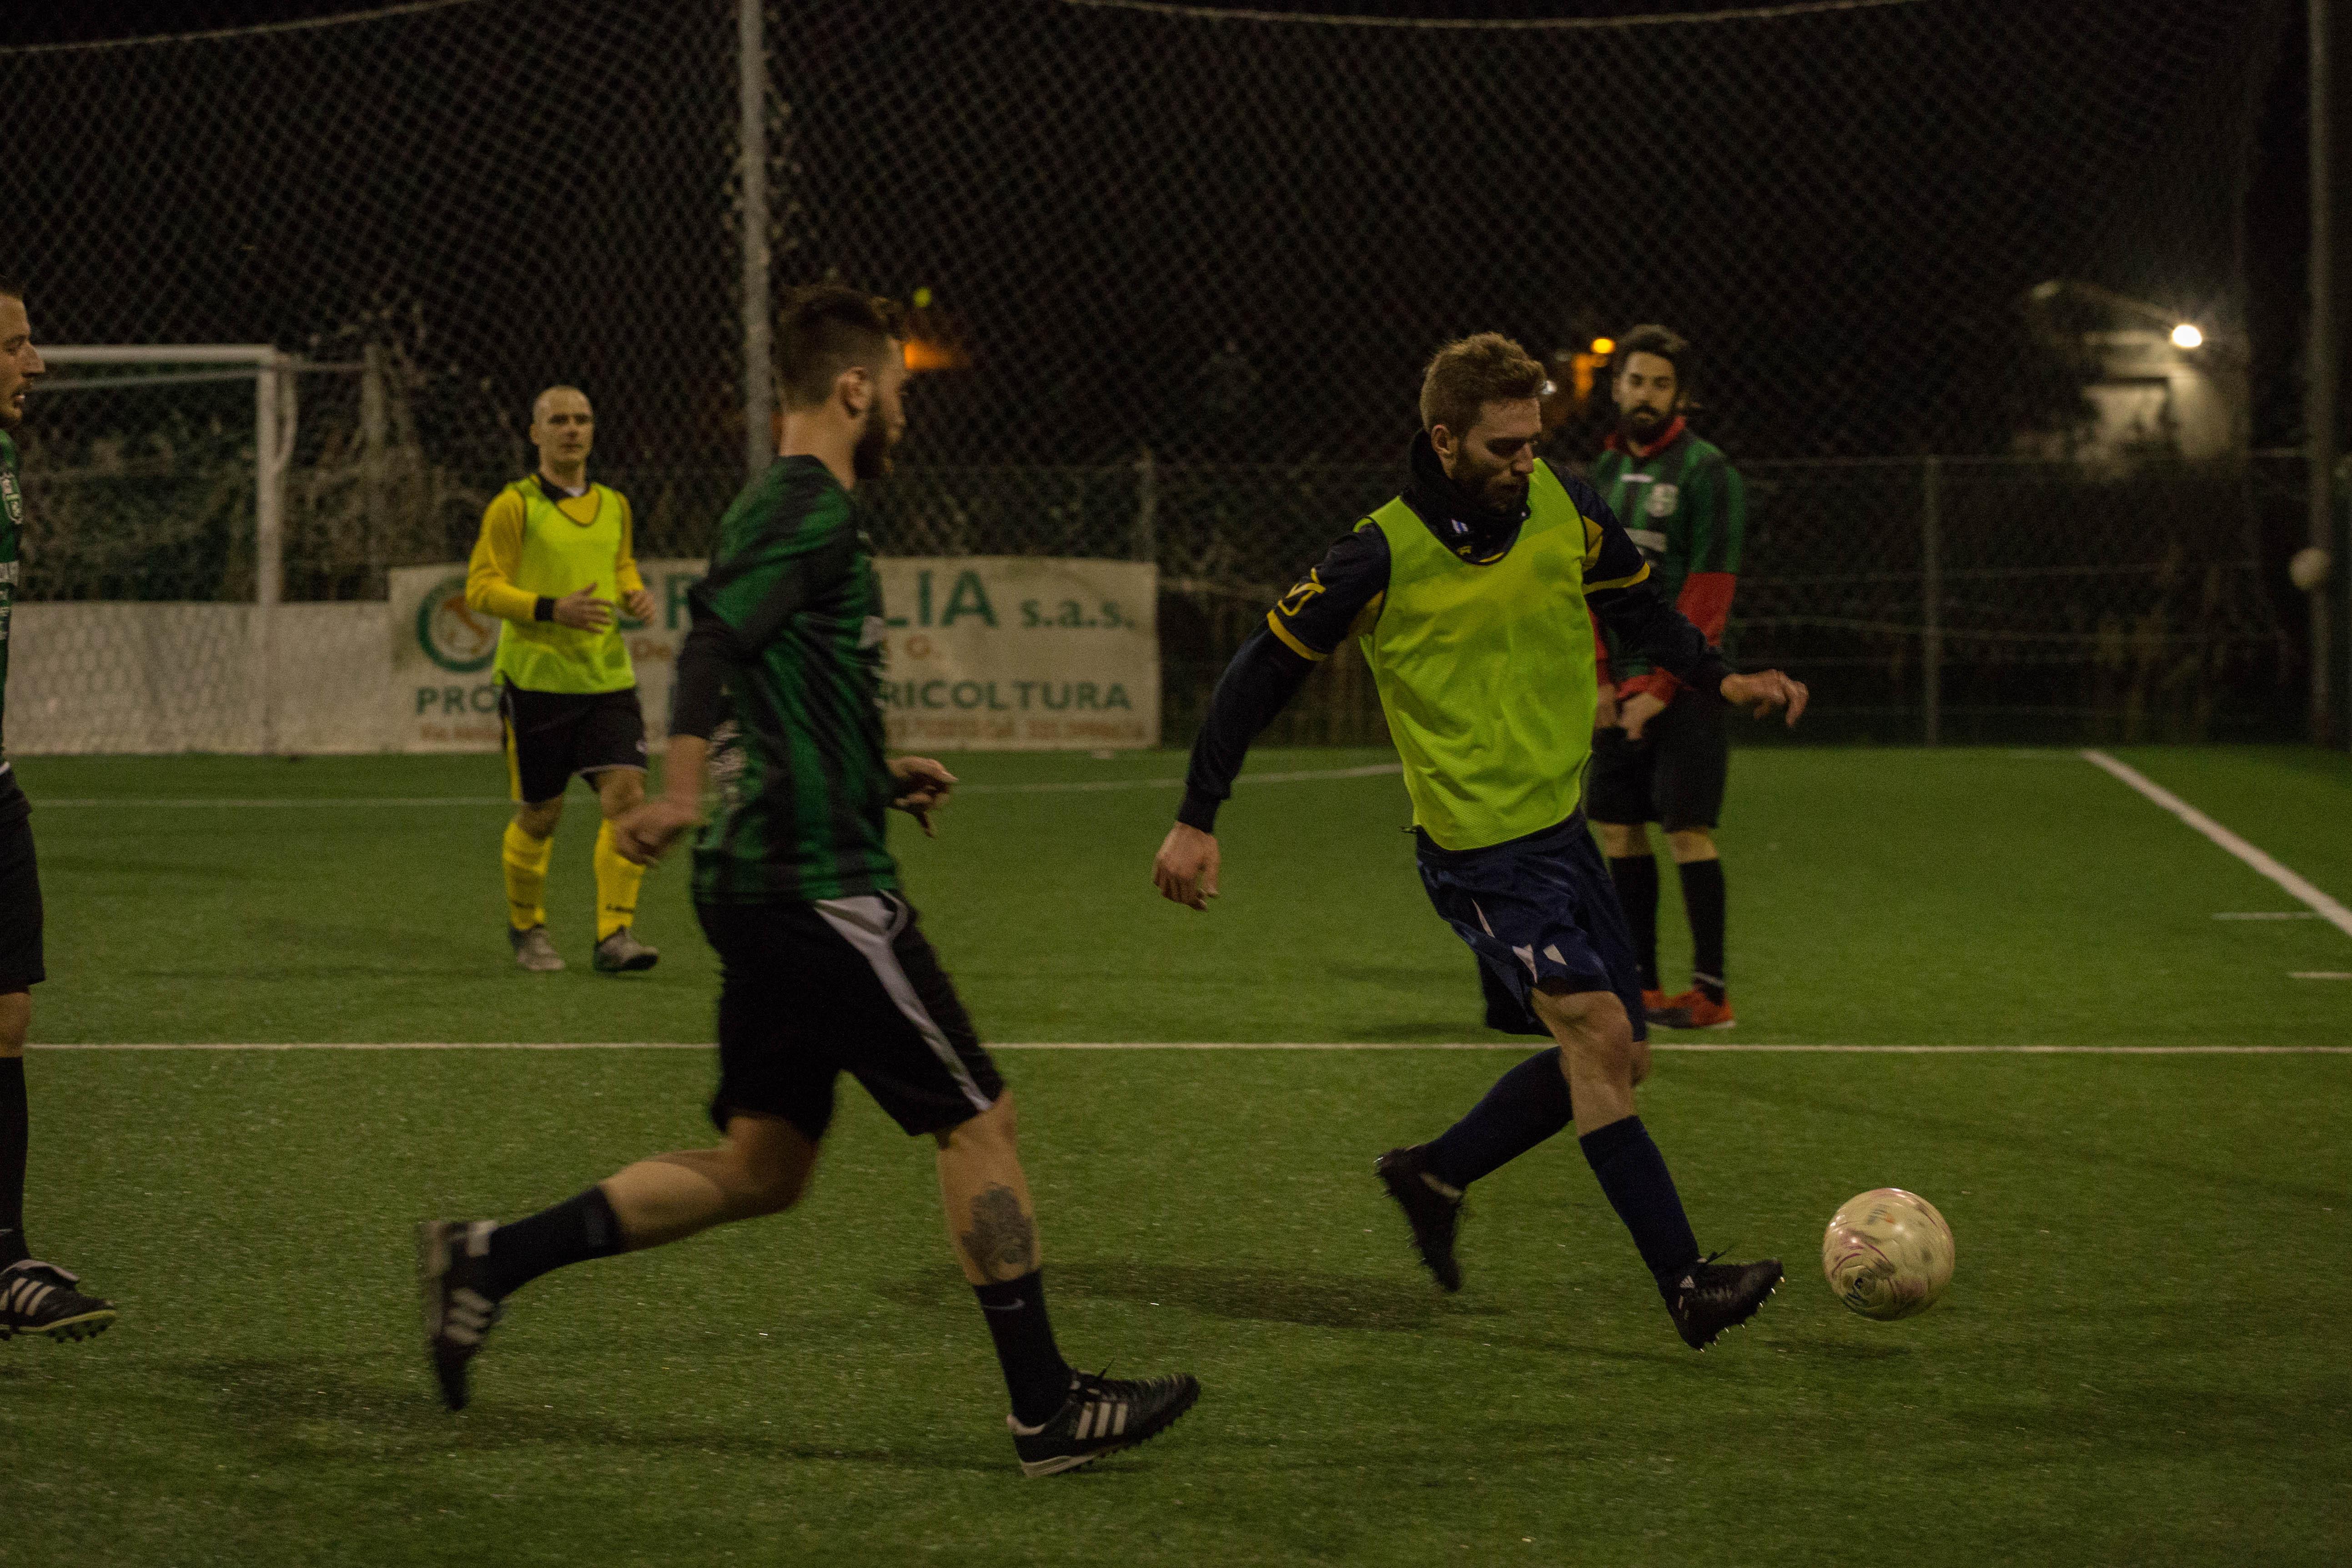 superlega-calcio-a-6-il-big-match-sassuolo-boca-juniors-2-4-colpaccio-xeneizes-grazie-ai-gol-di-toso-e-capozio